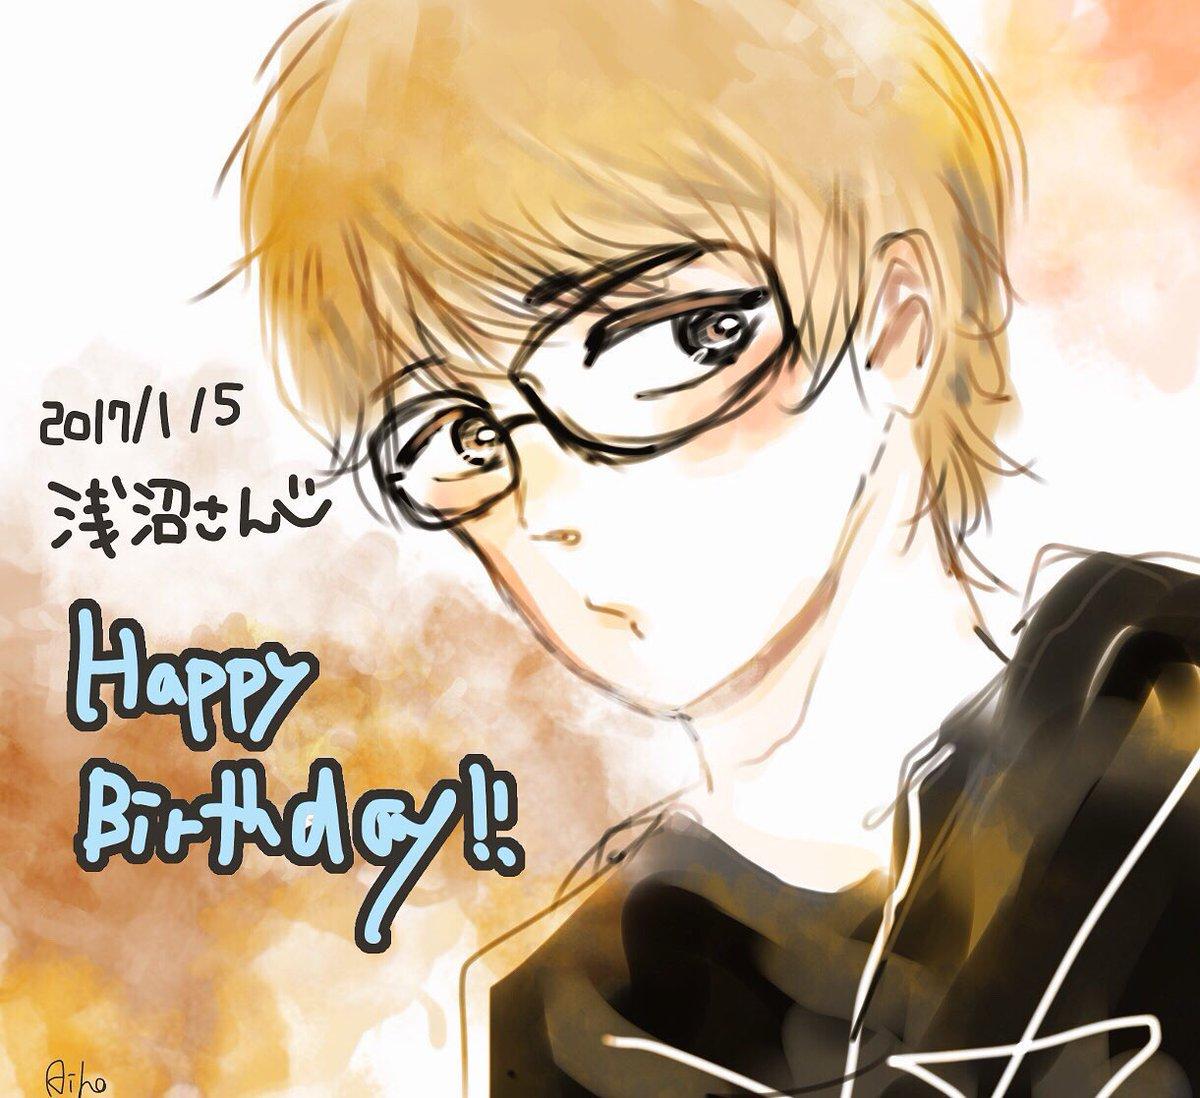 浅沼晋太郎さん!お誕生日おめでとうございます!ほんとファイ・ブレイン見ててよかった…。かっこよくてかわいい浅沼さんが大好